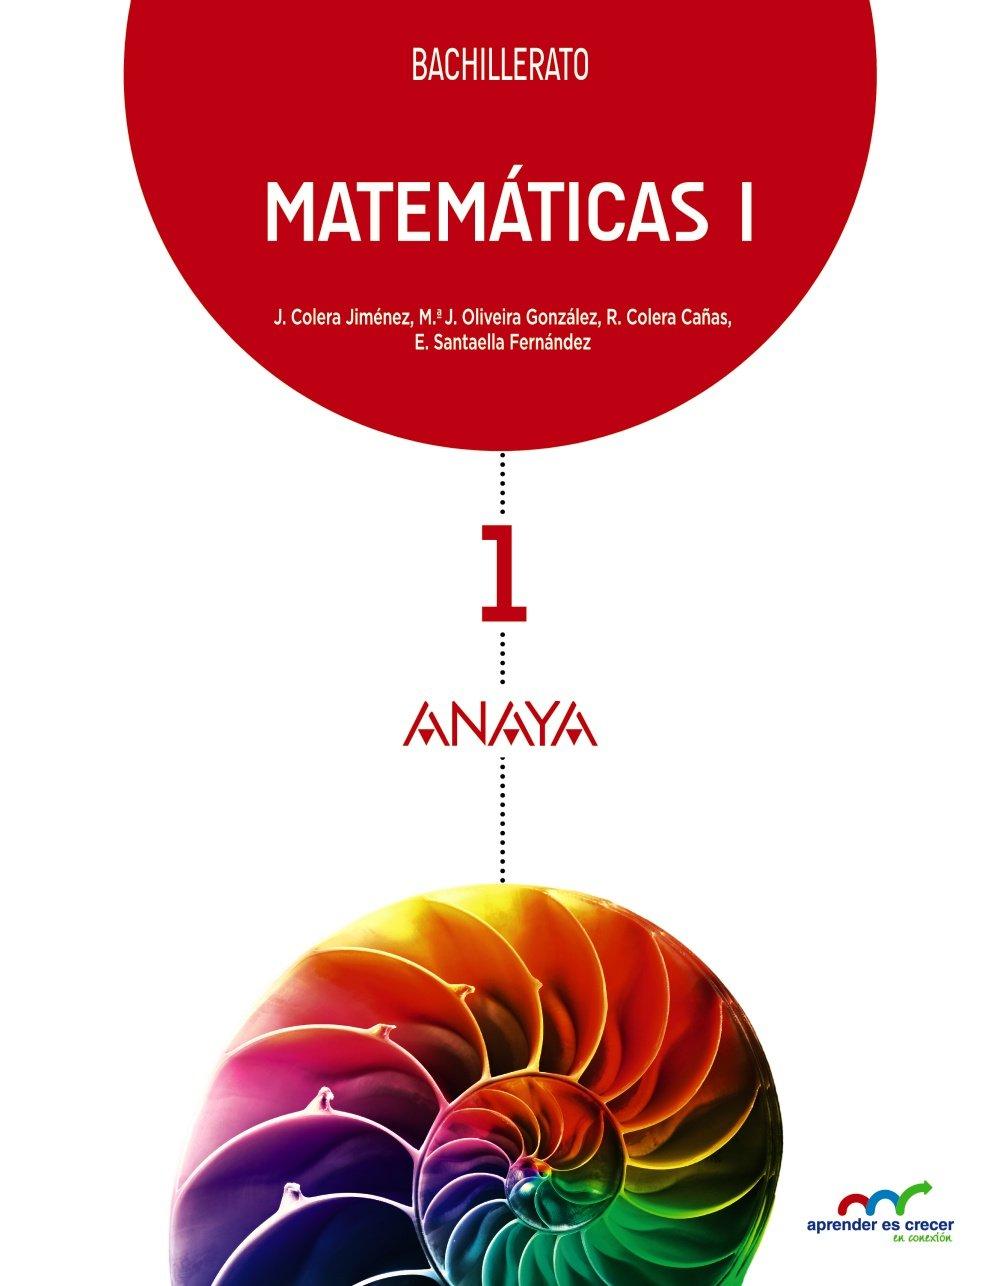 Matemáticas I. (Aprender es crecer en conexión) - 9788467826883 Tapa blanda – 19 may 2015 José Colera Jiménez Ramón Colera Cañas ANAYA EDUCACIÓN 8467826886